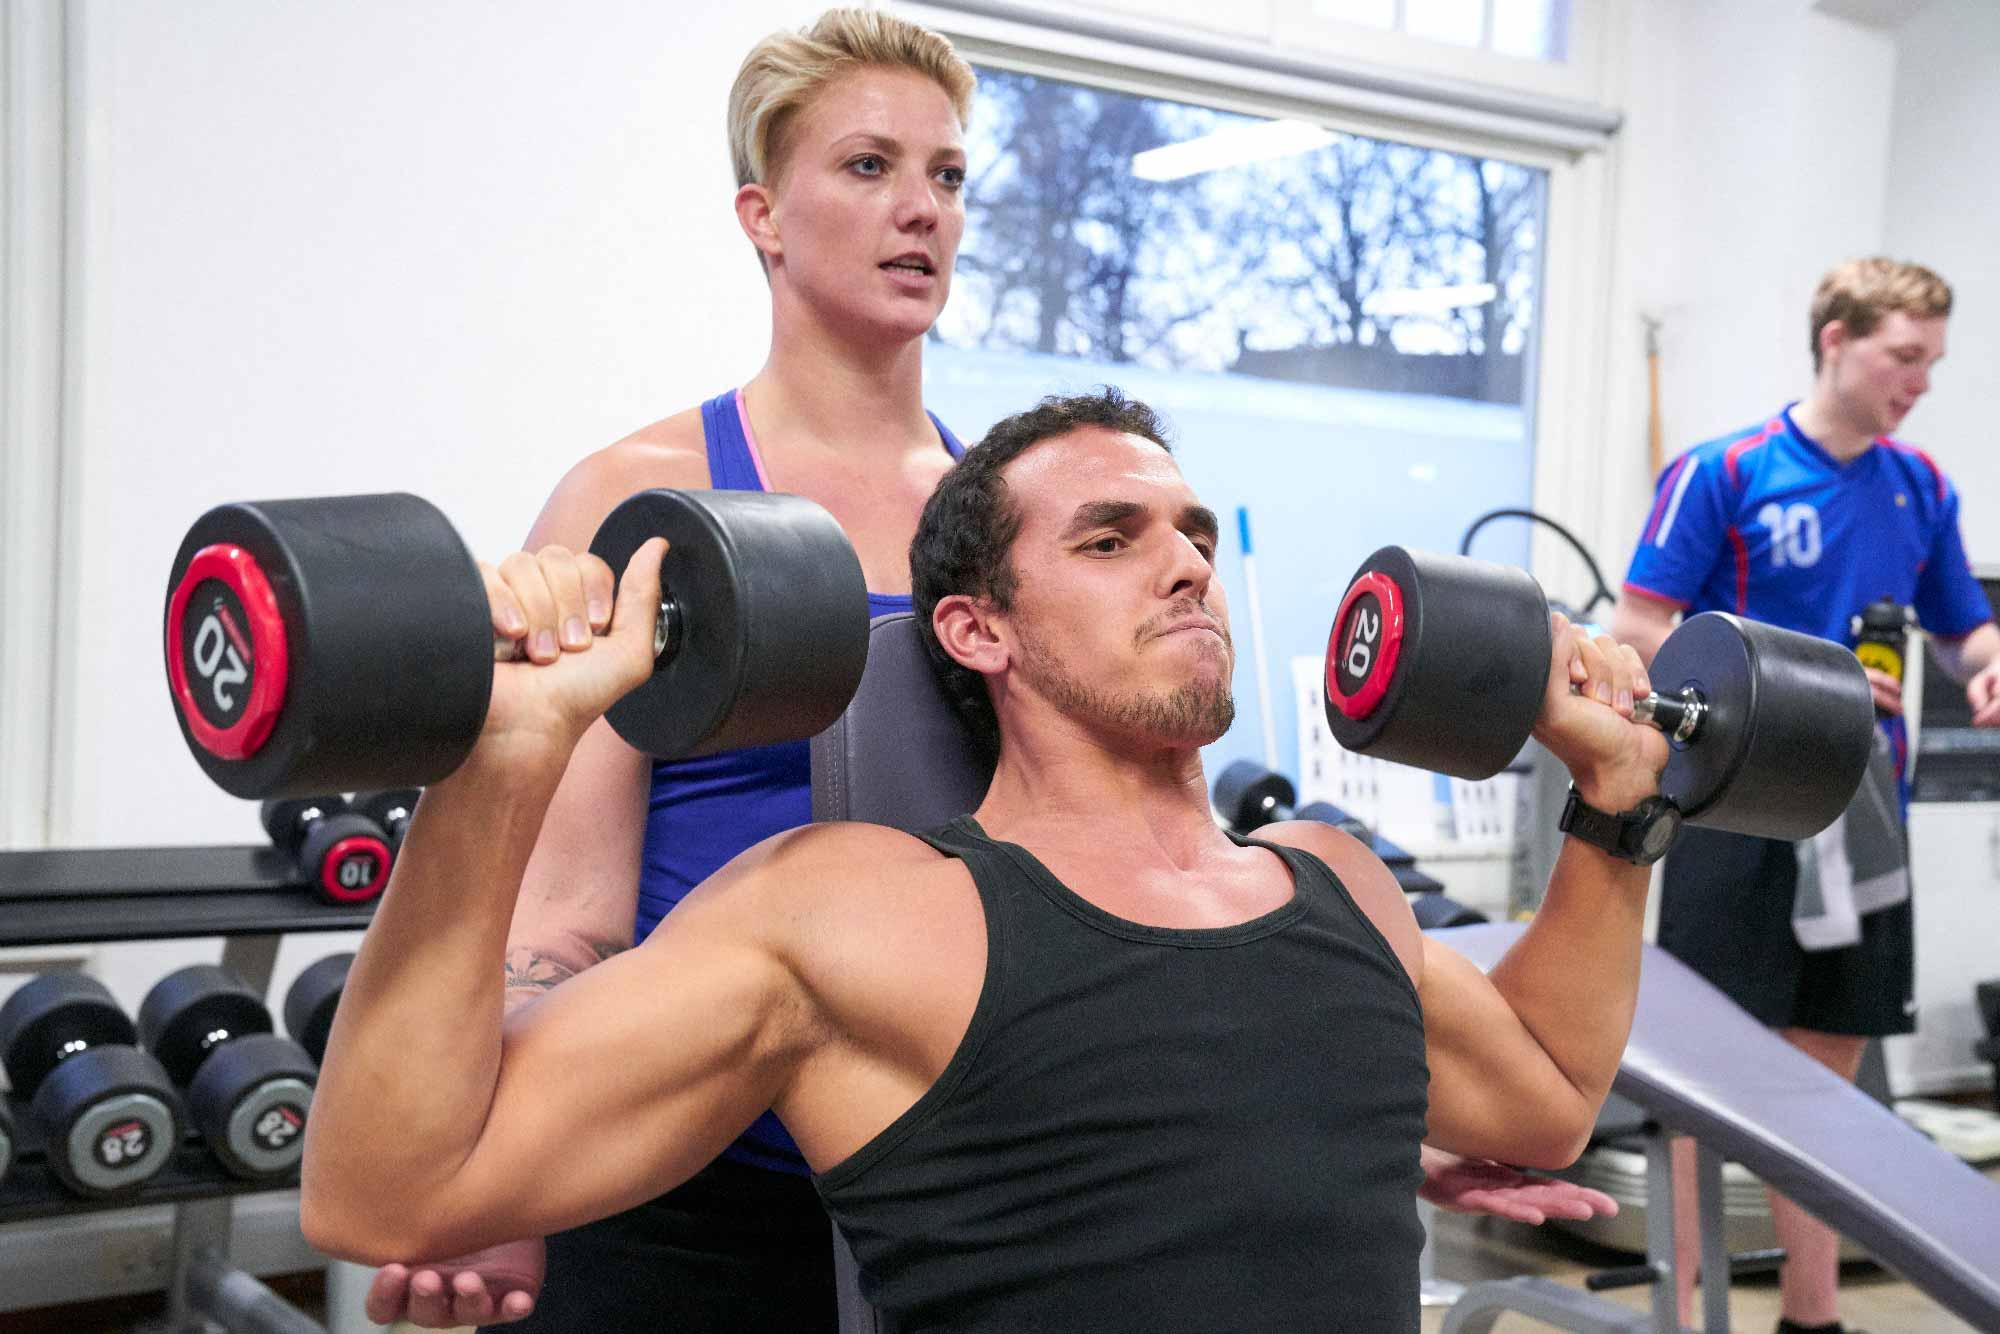 Afbeelding op nieuwsoverzicht. De informatiepagina over fitness en fysiotherapeut in Hoorn